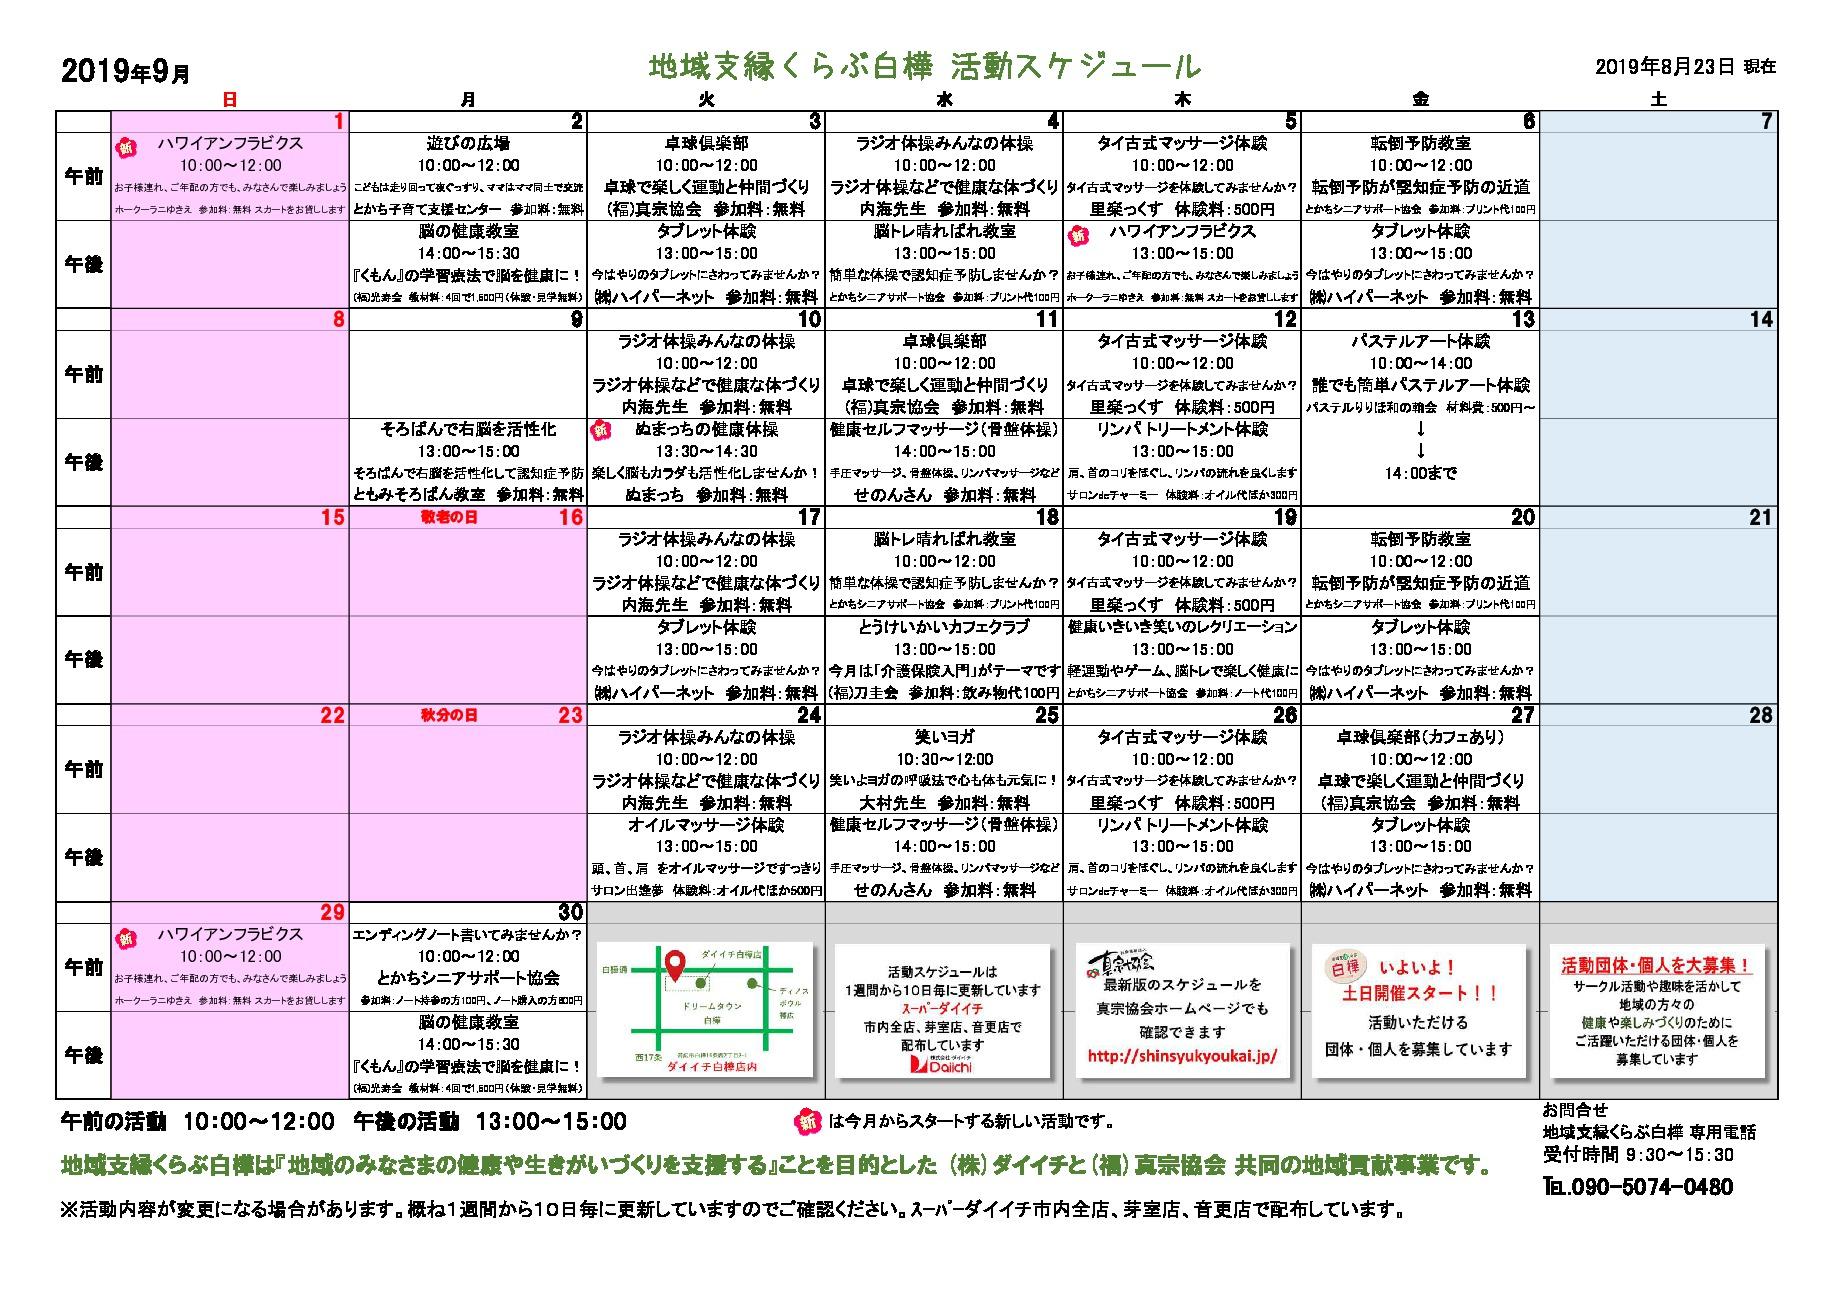 2019活動スケジュール9(2019.8.23付)のサムネイル